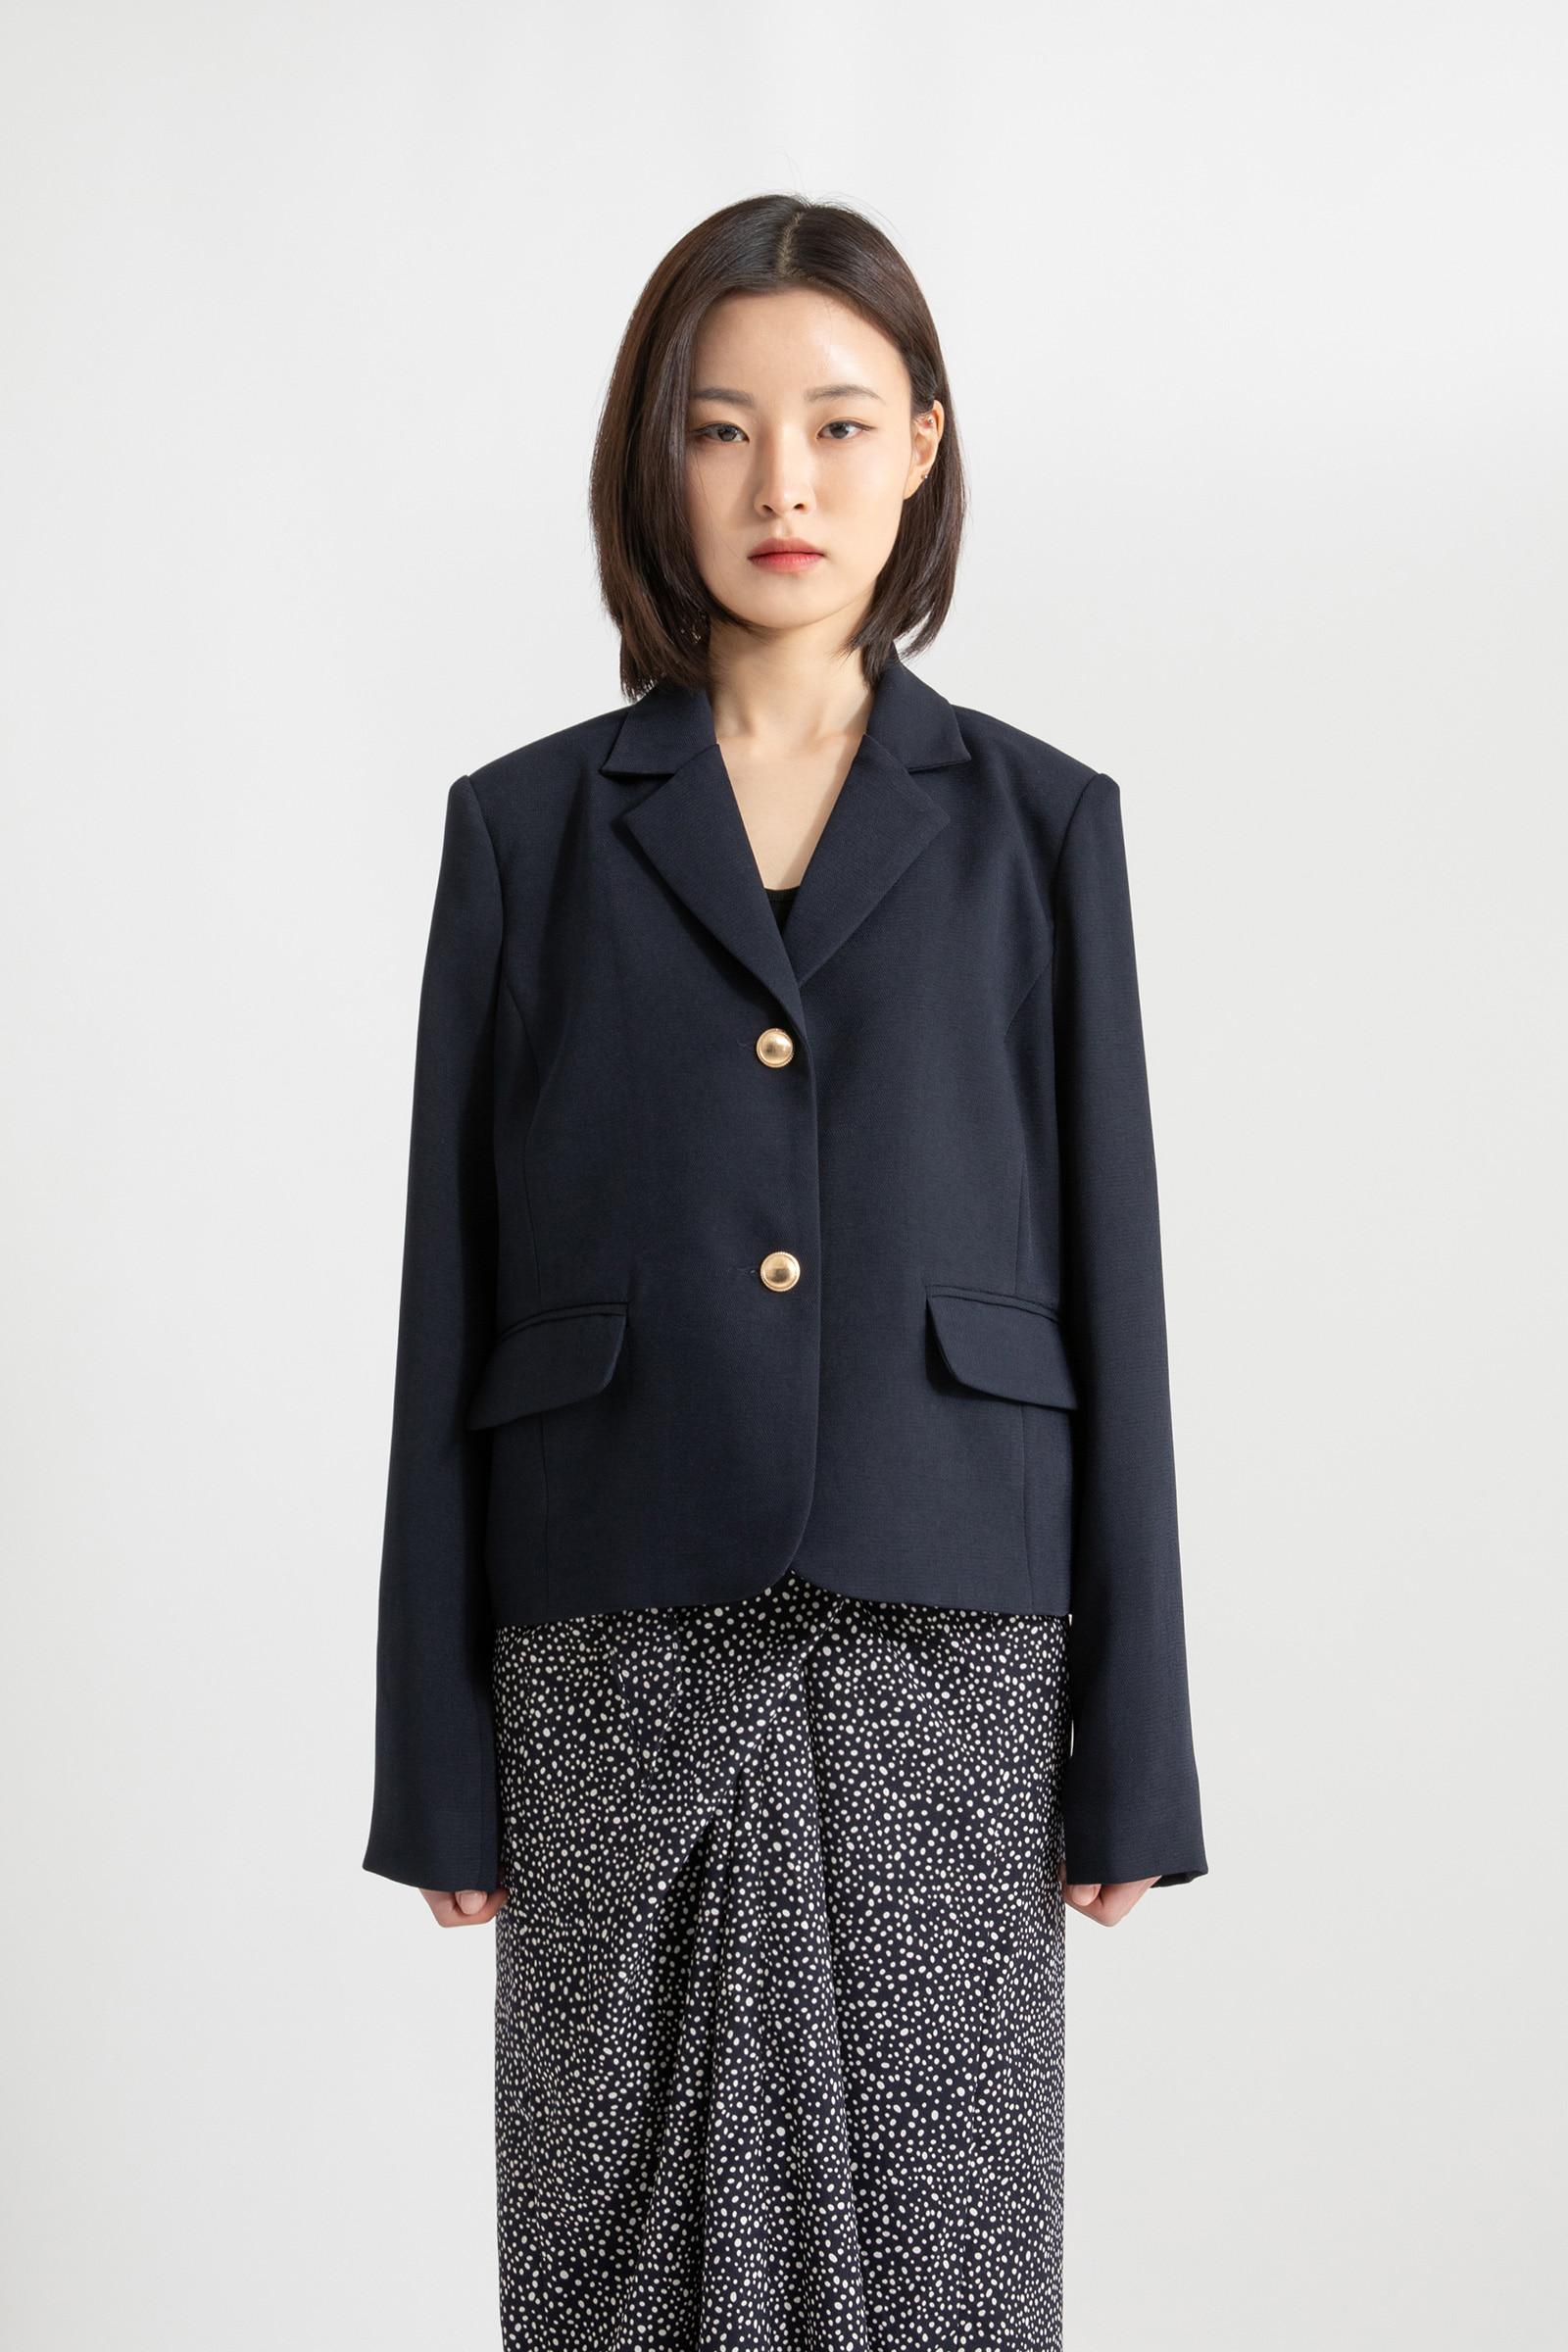 Goldie Standard Single Jacket